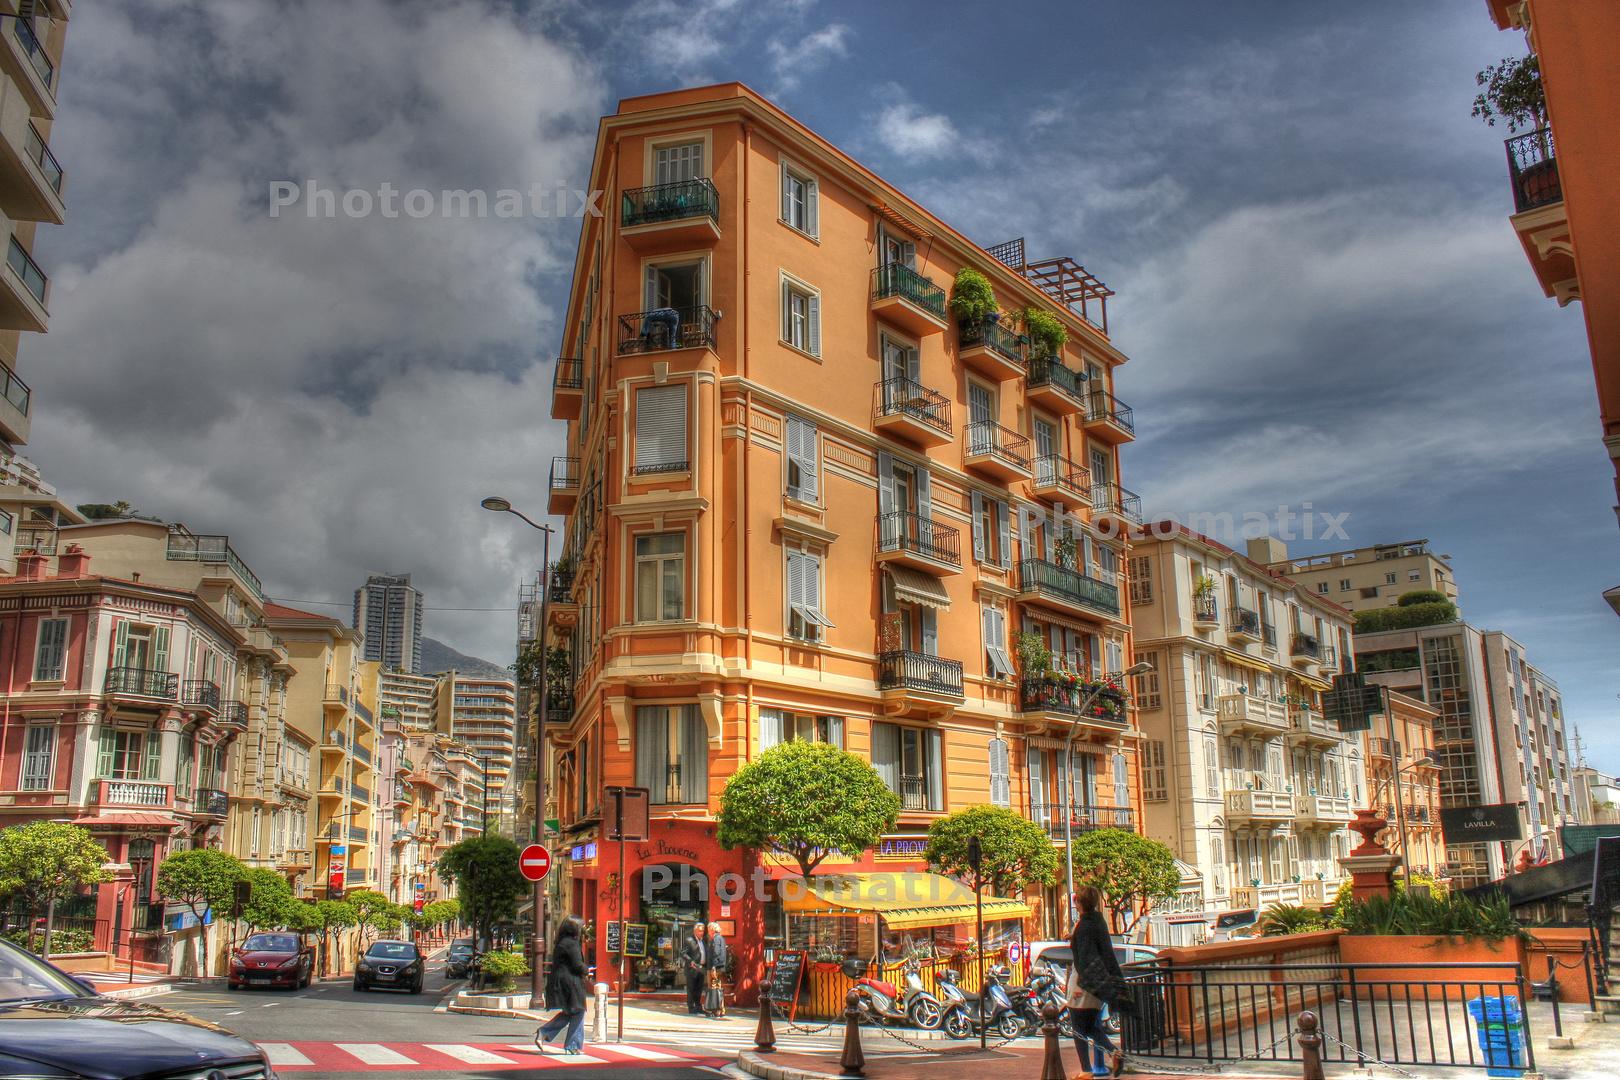 Rue de Gremaldi in Monte Carlo